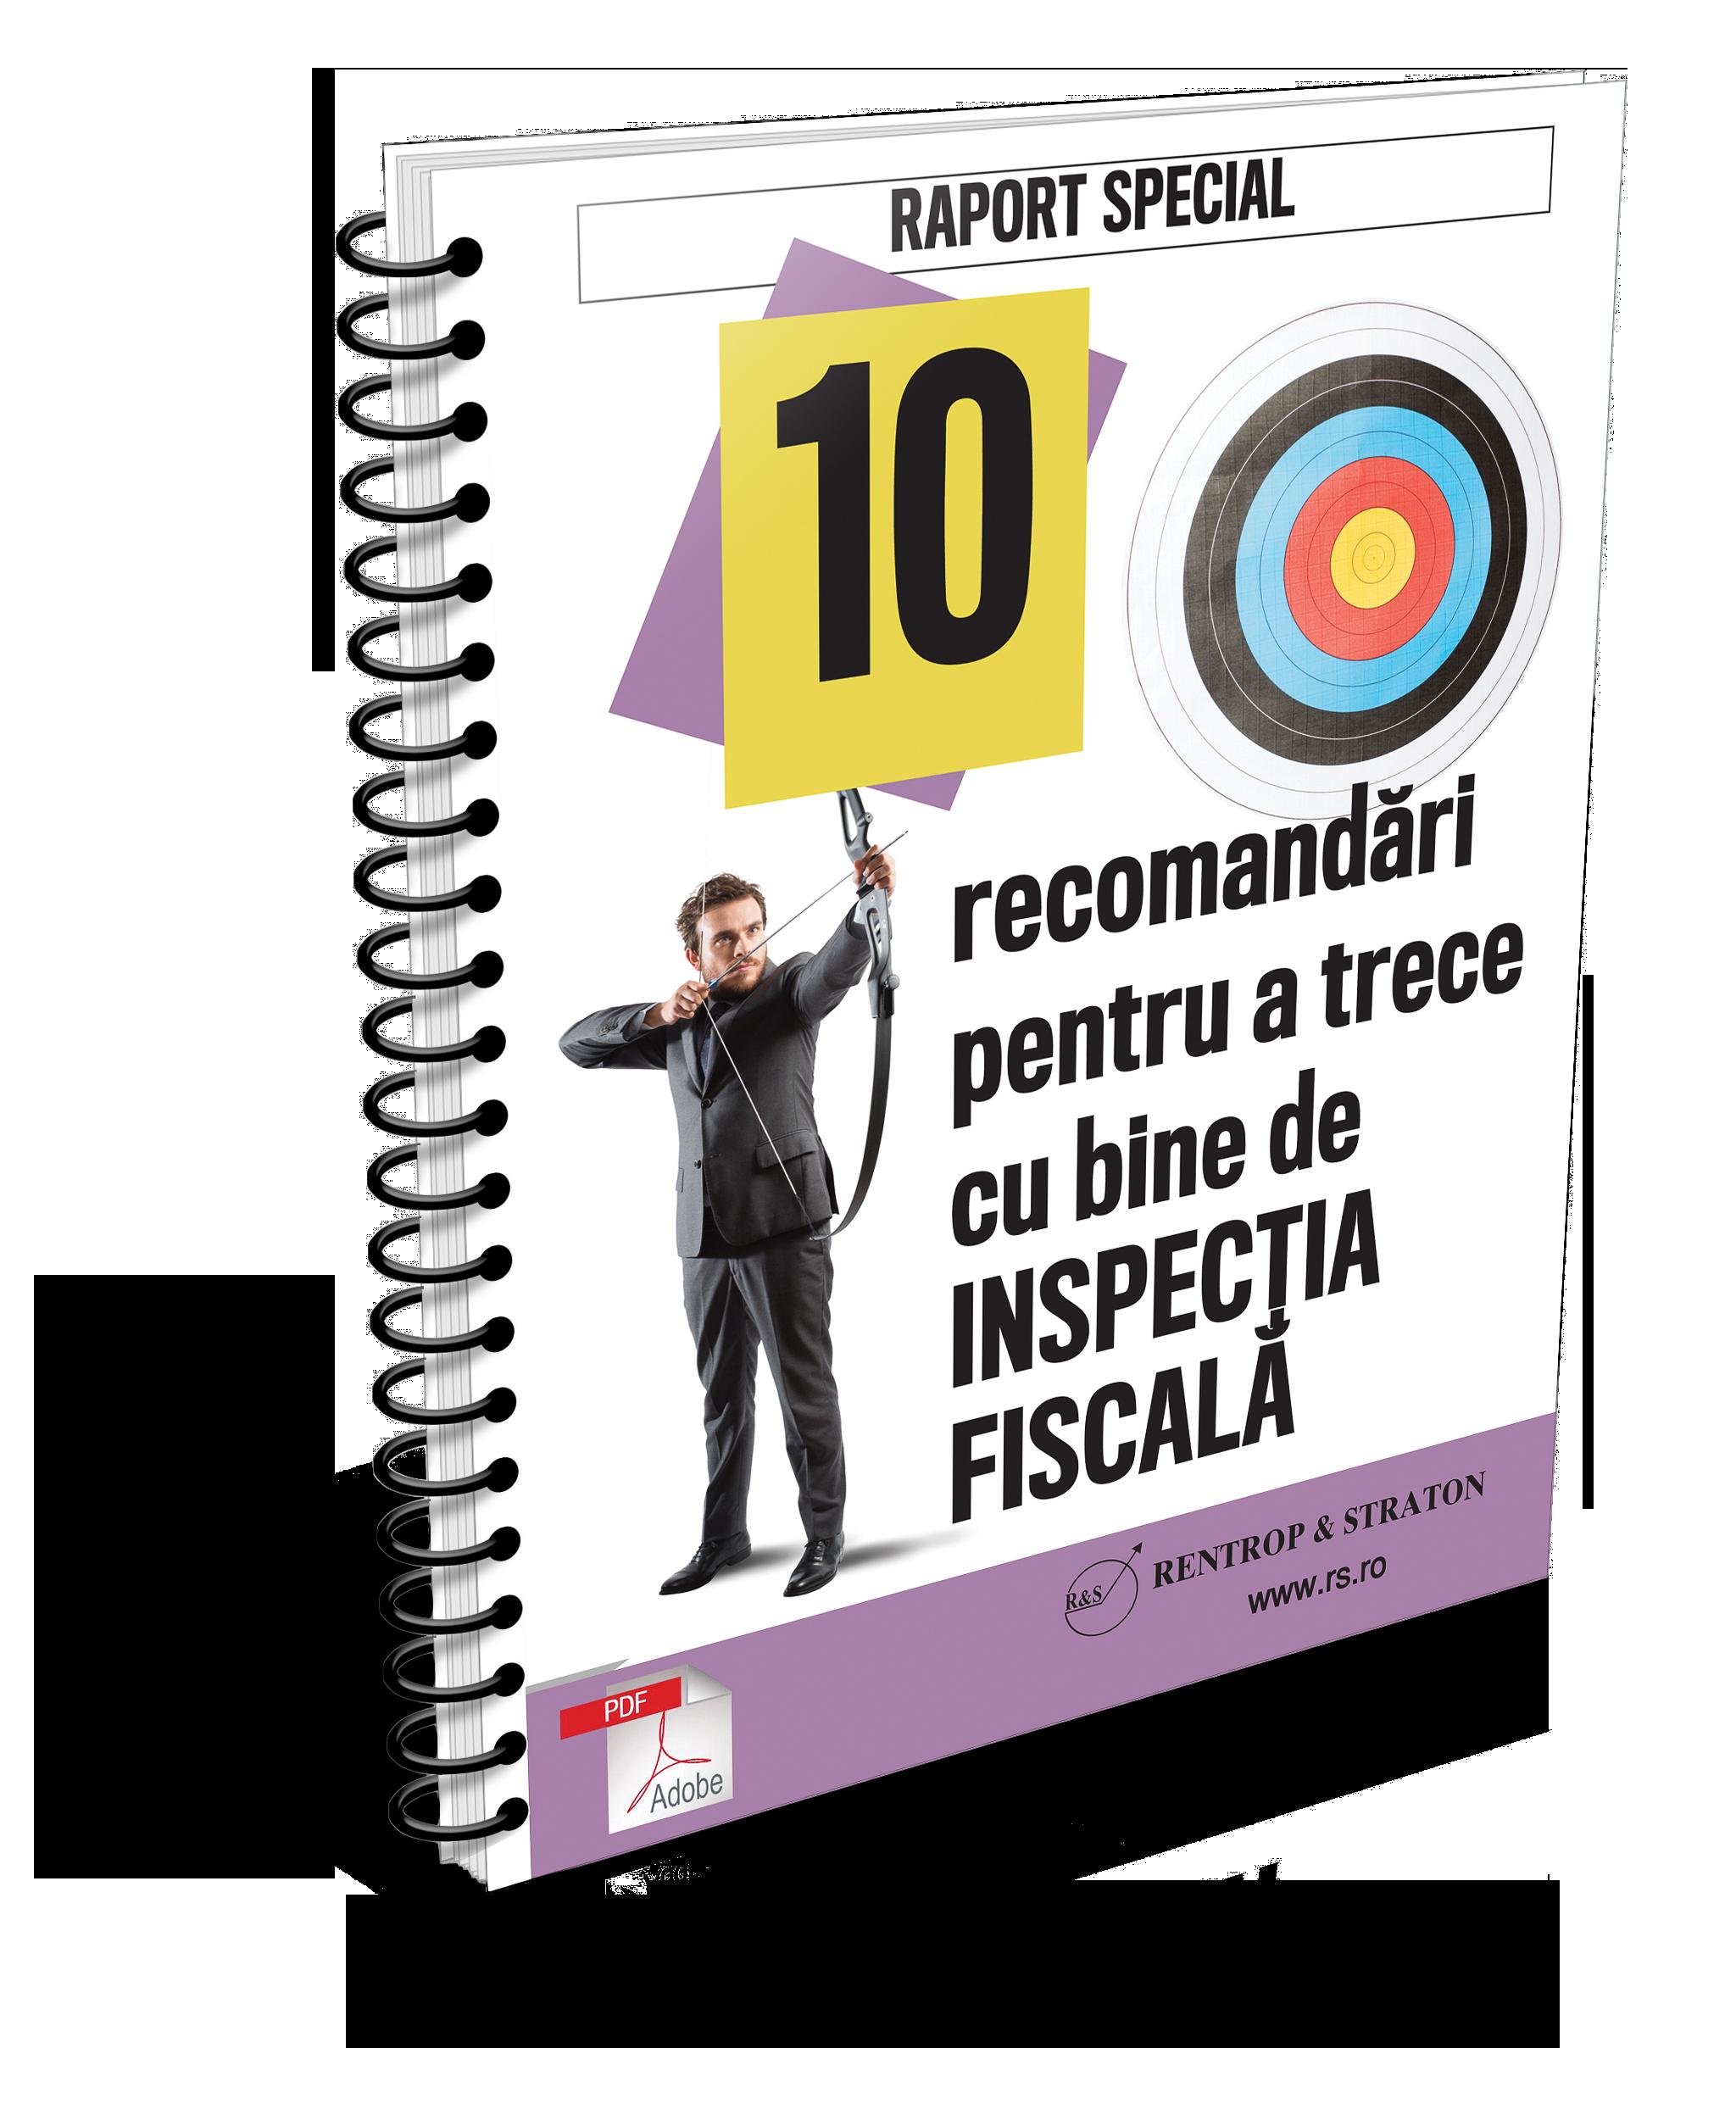 10 recomandari pentru a trece cu bine de inspectia fiscala